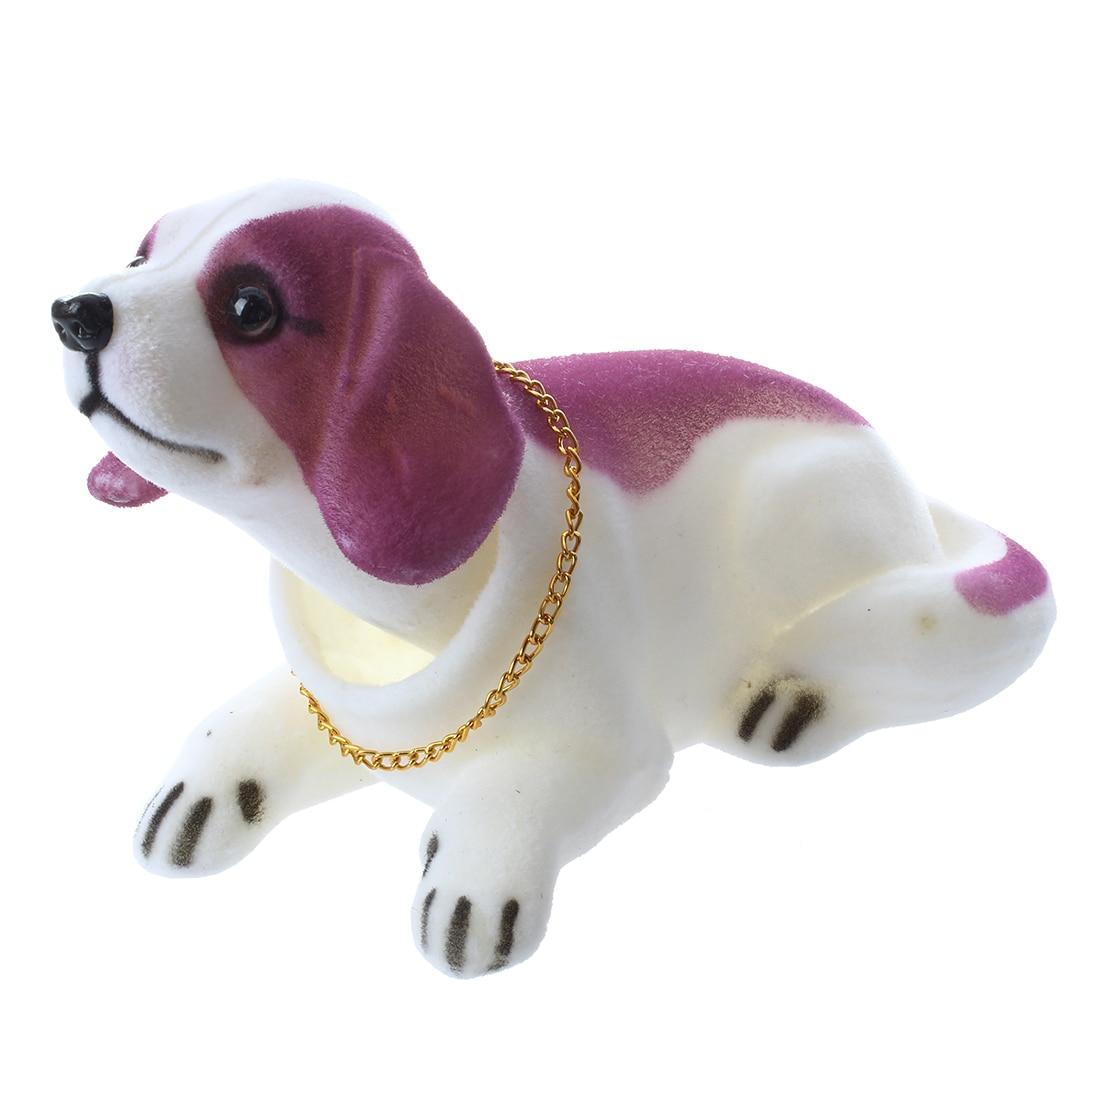 Авто украшения ароматный Сенбернара качает головой Пупс Товары для собак